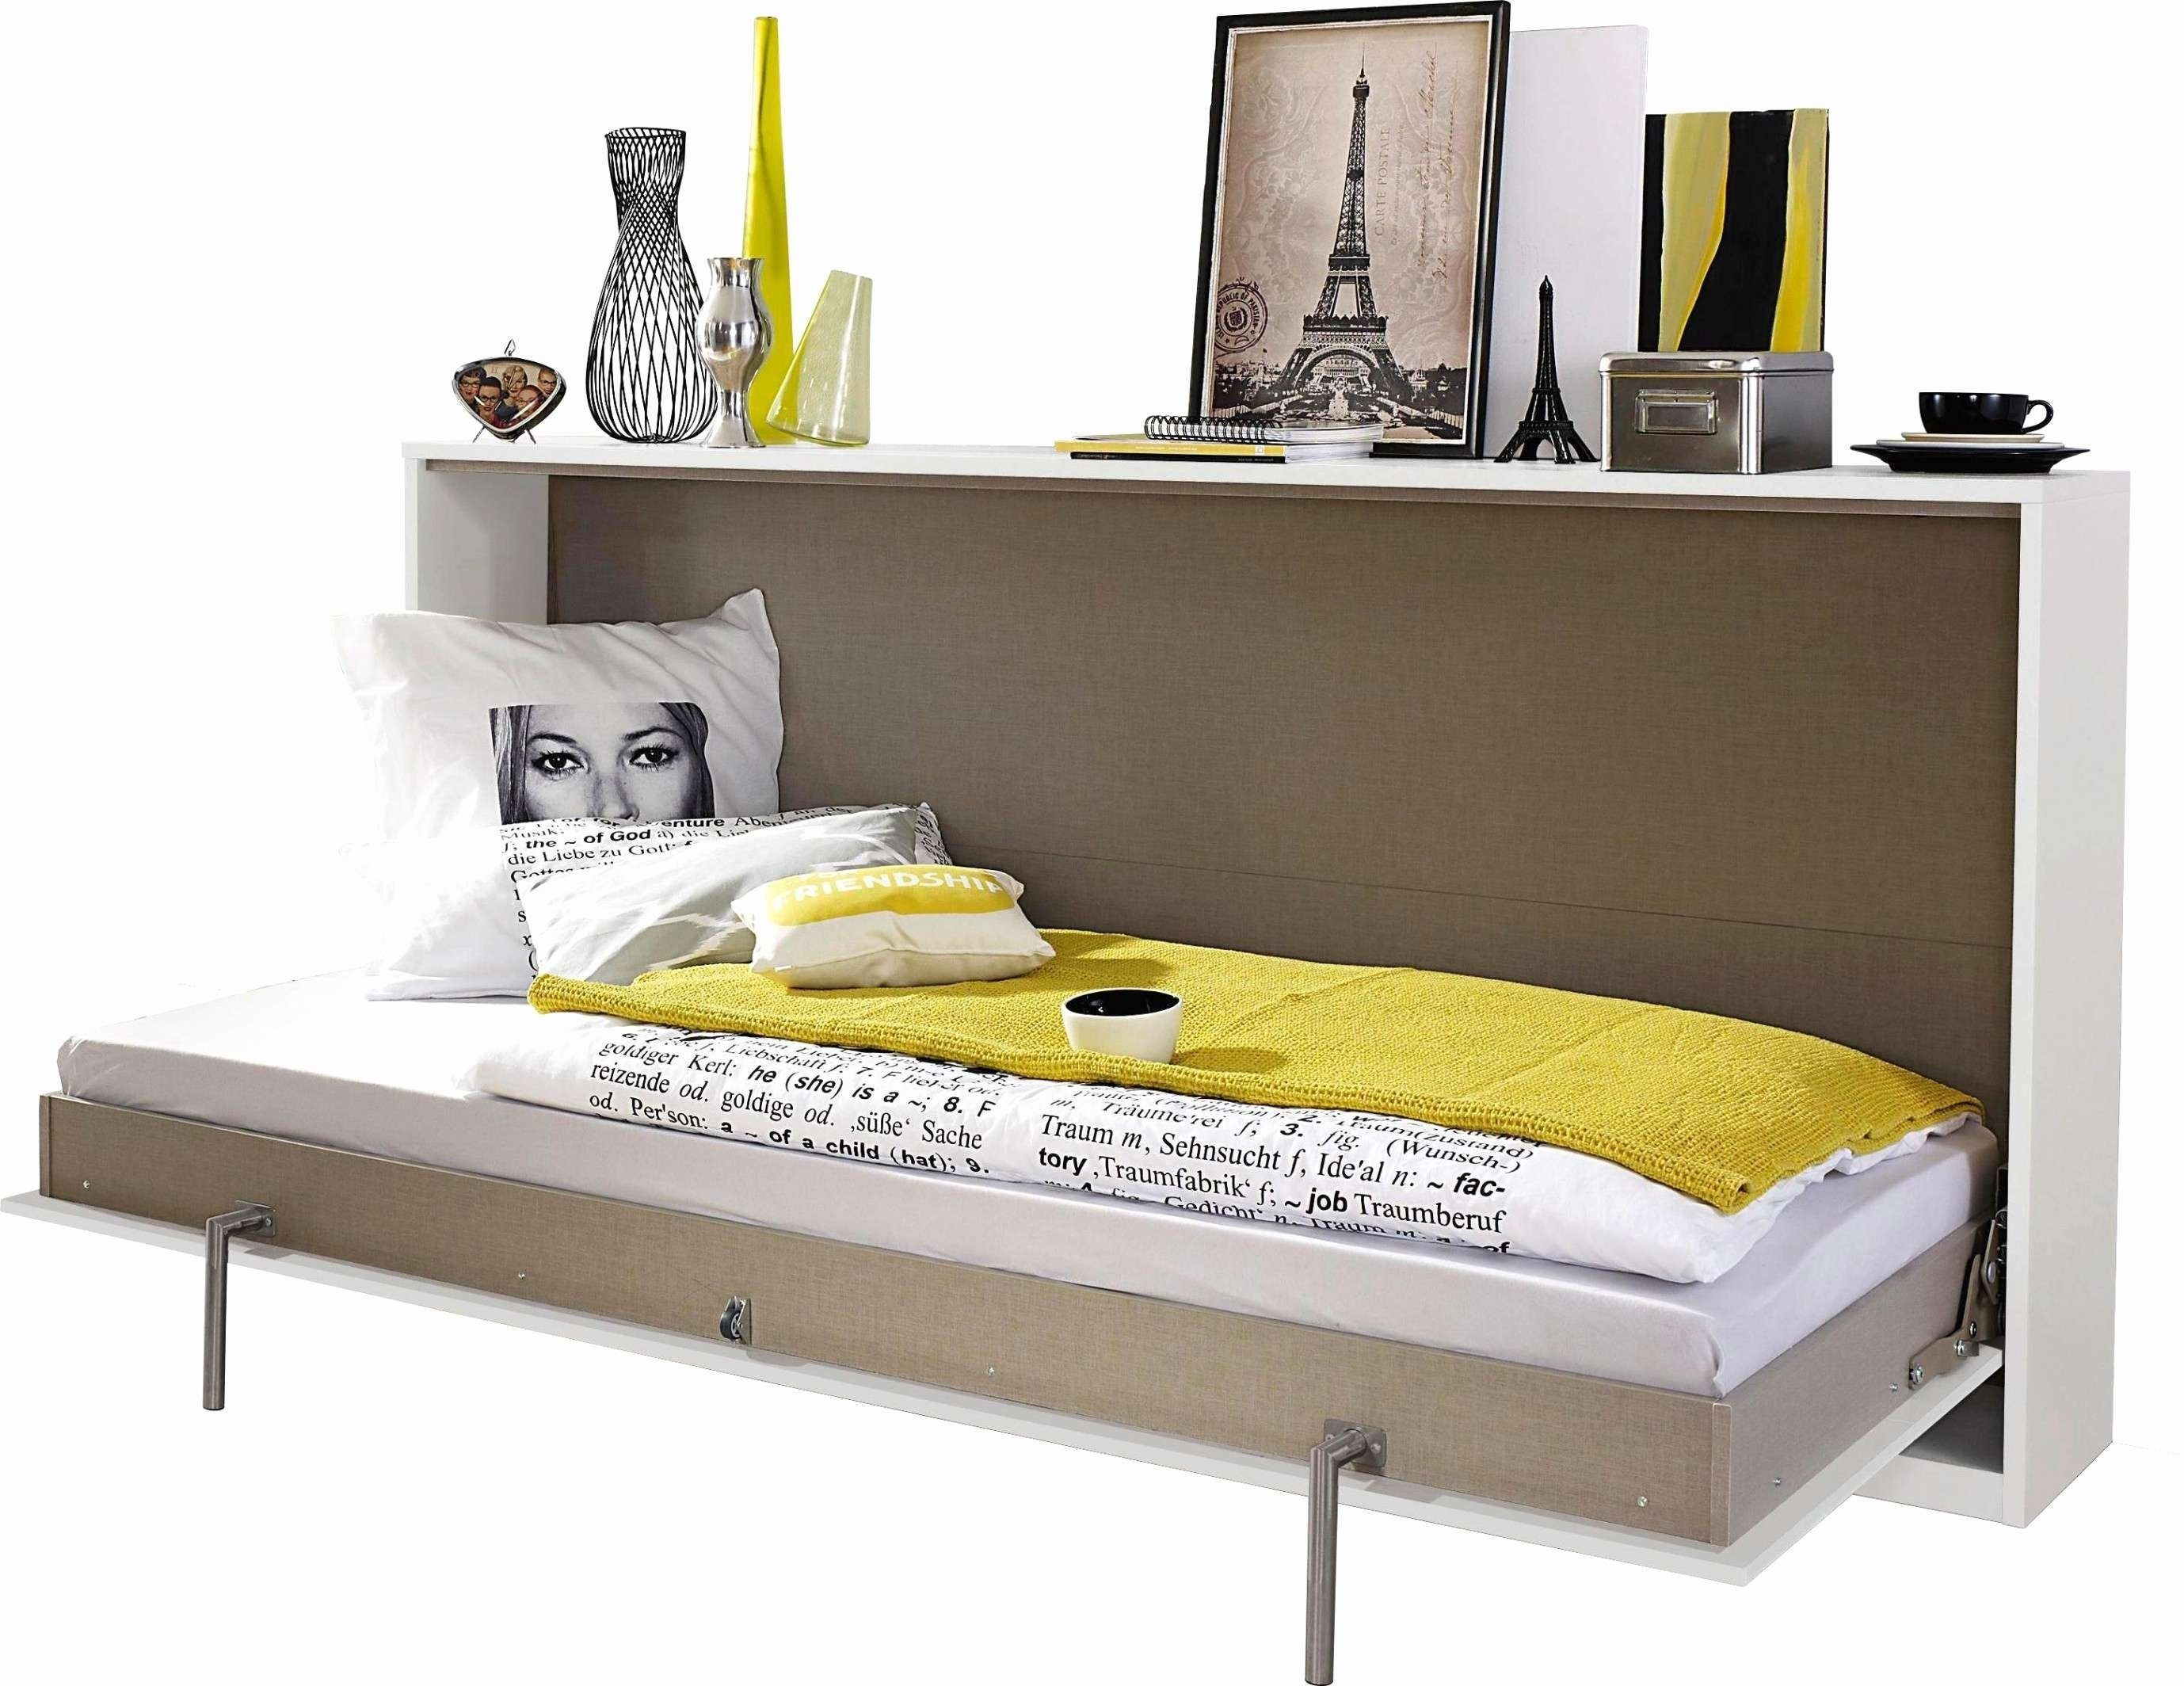 Lit Coffre Bois 160x200 Meilleur De Lit Design 160—200 Elégant S Lit Sommier Matelas 160—200 New